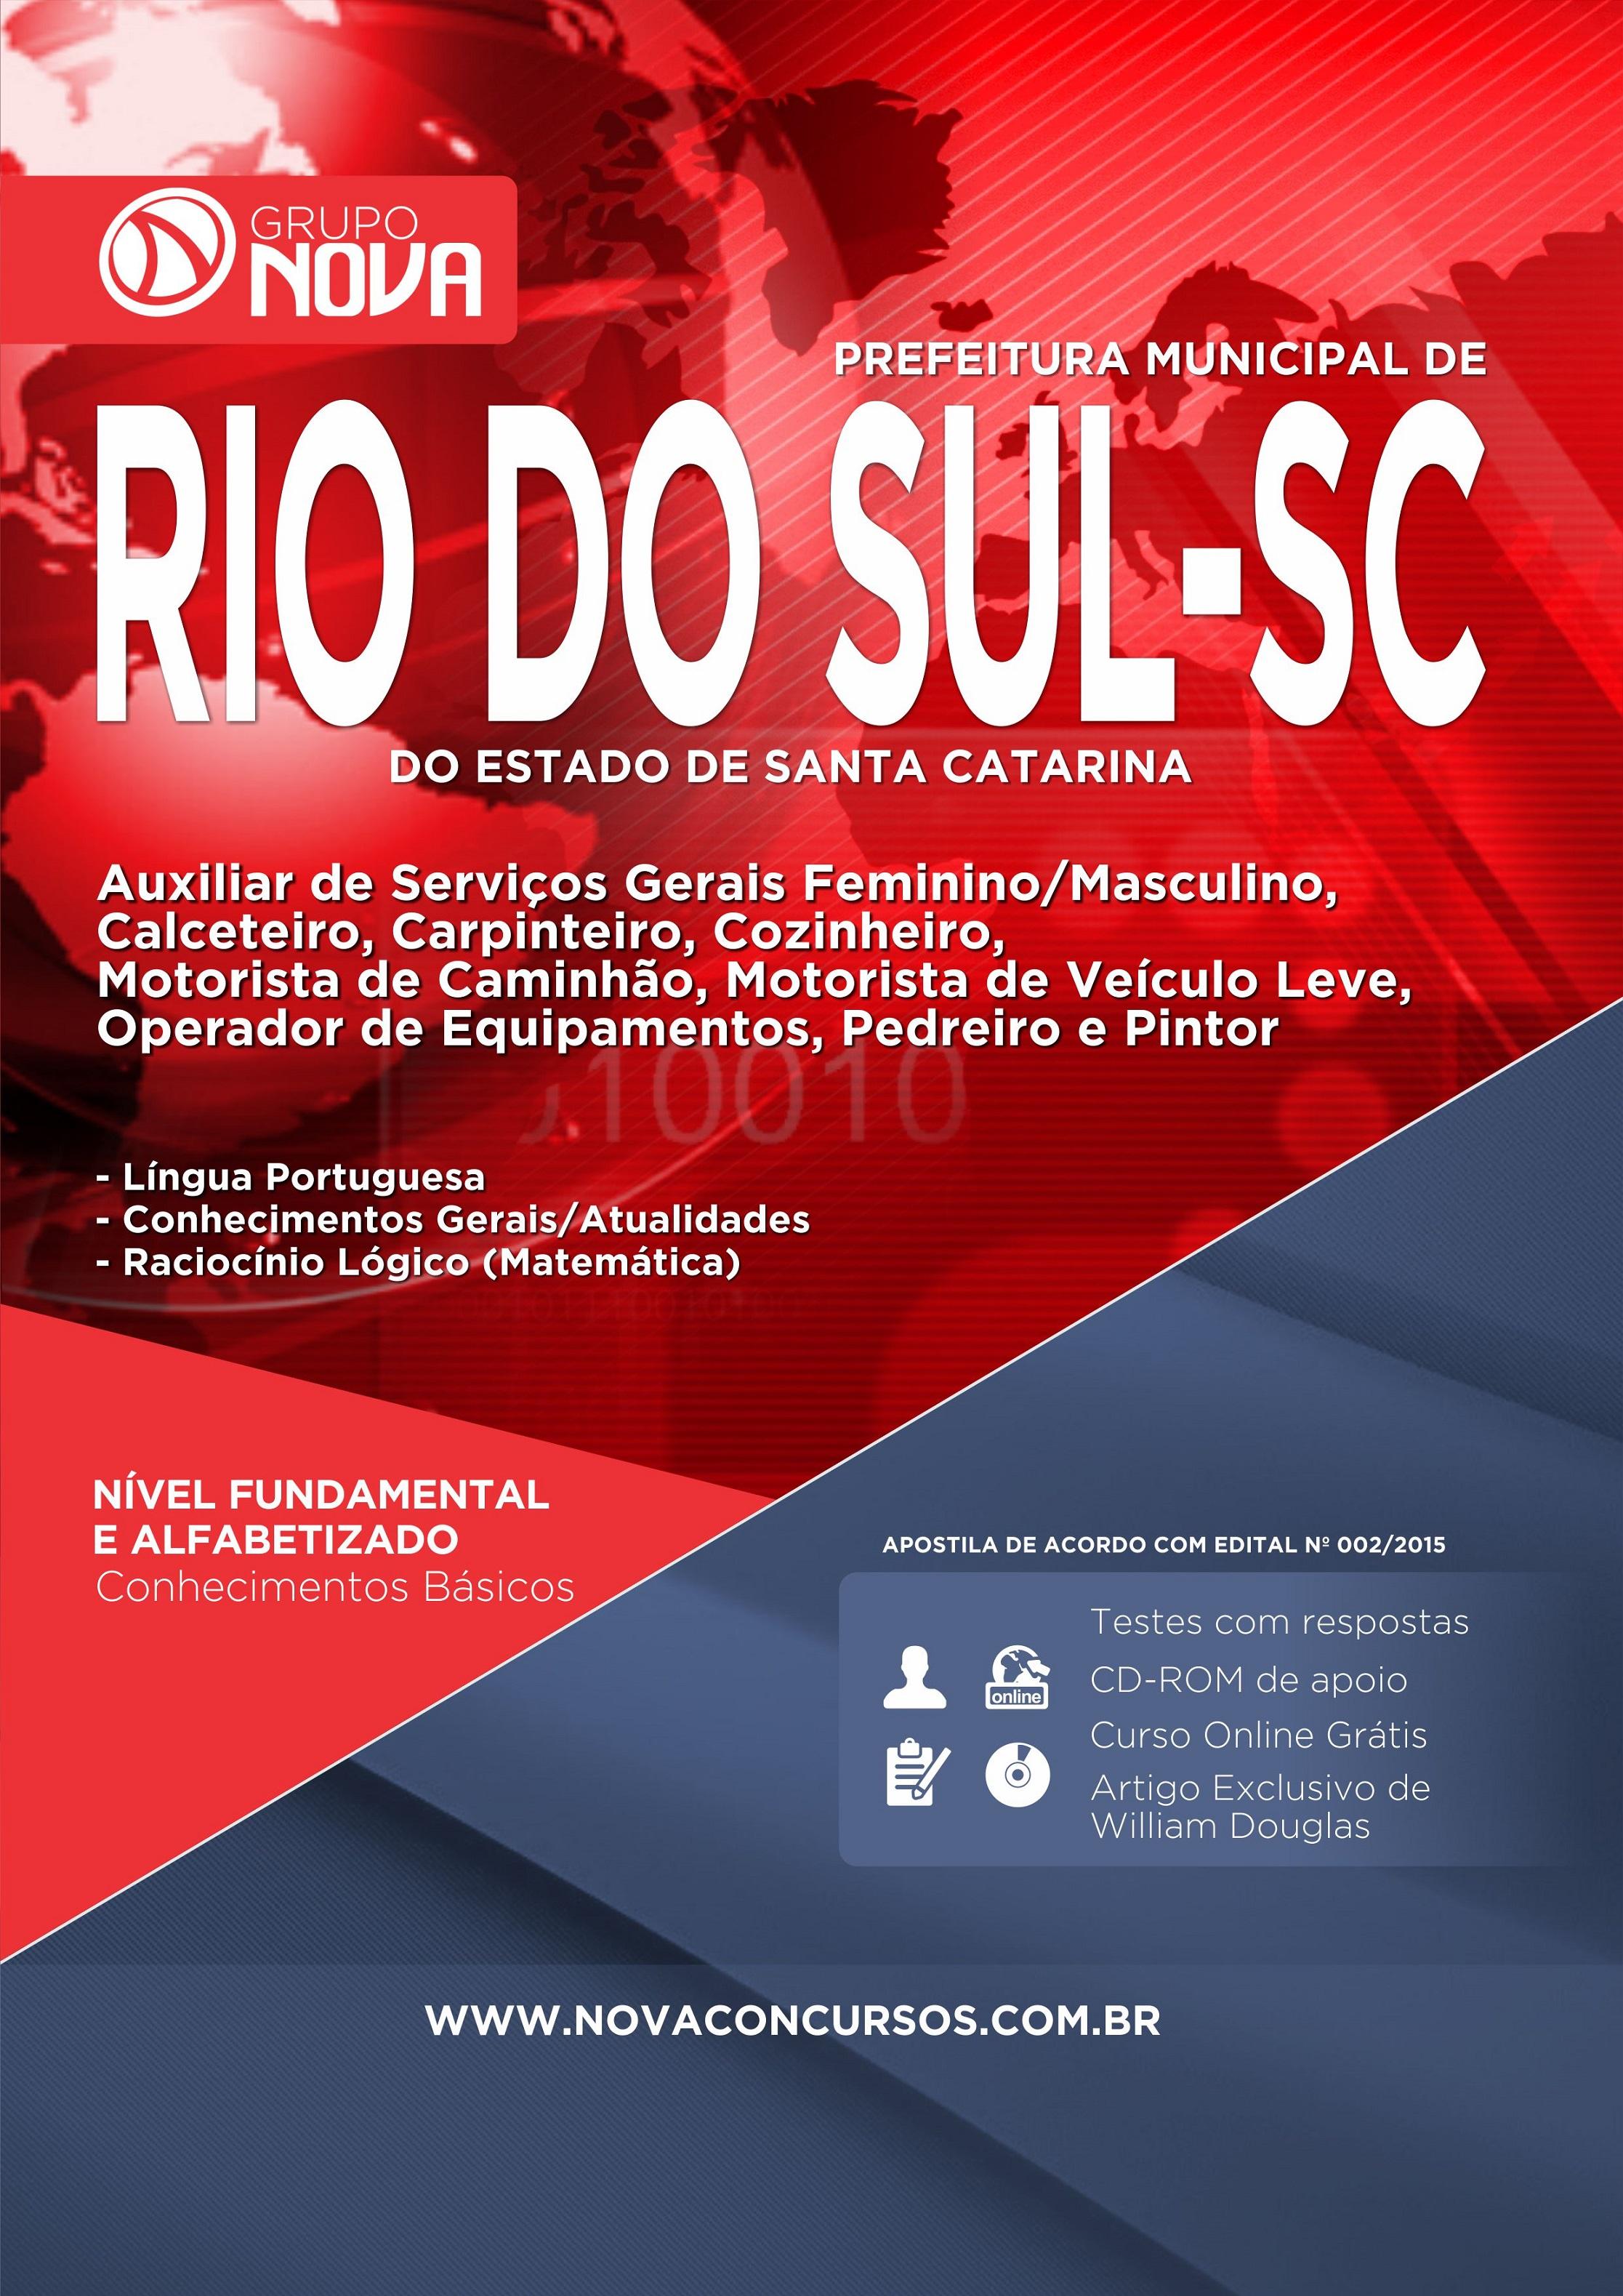 Apostila Rio do Sul 2015 - Comum aos Cargos Fundamental e Alfabetizado ( Impresso )